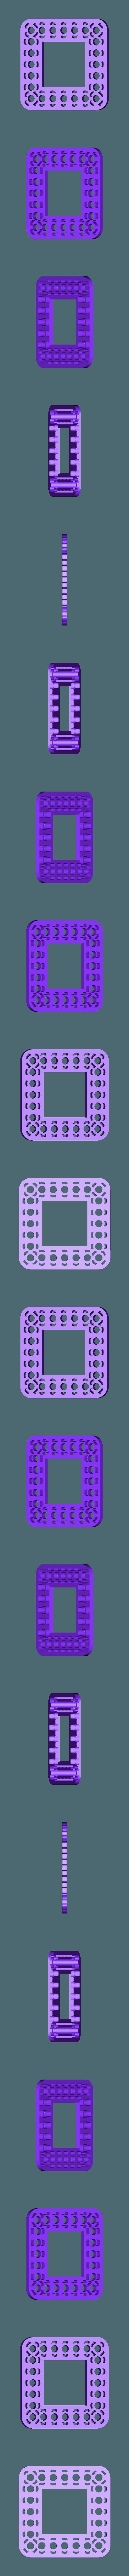 square_7_7.STL Télécharger fichier STL gratuit MEGA Expansion 200+ Pièces • Plan à imprimer en 3D, Pwentey